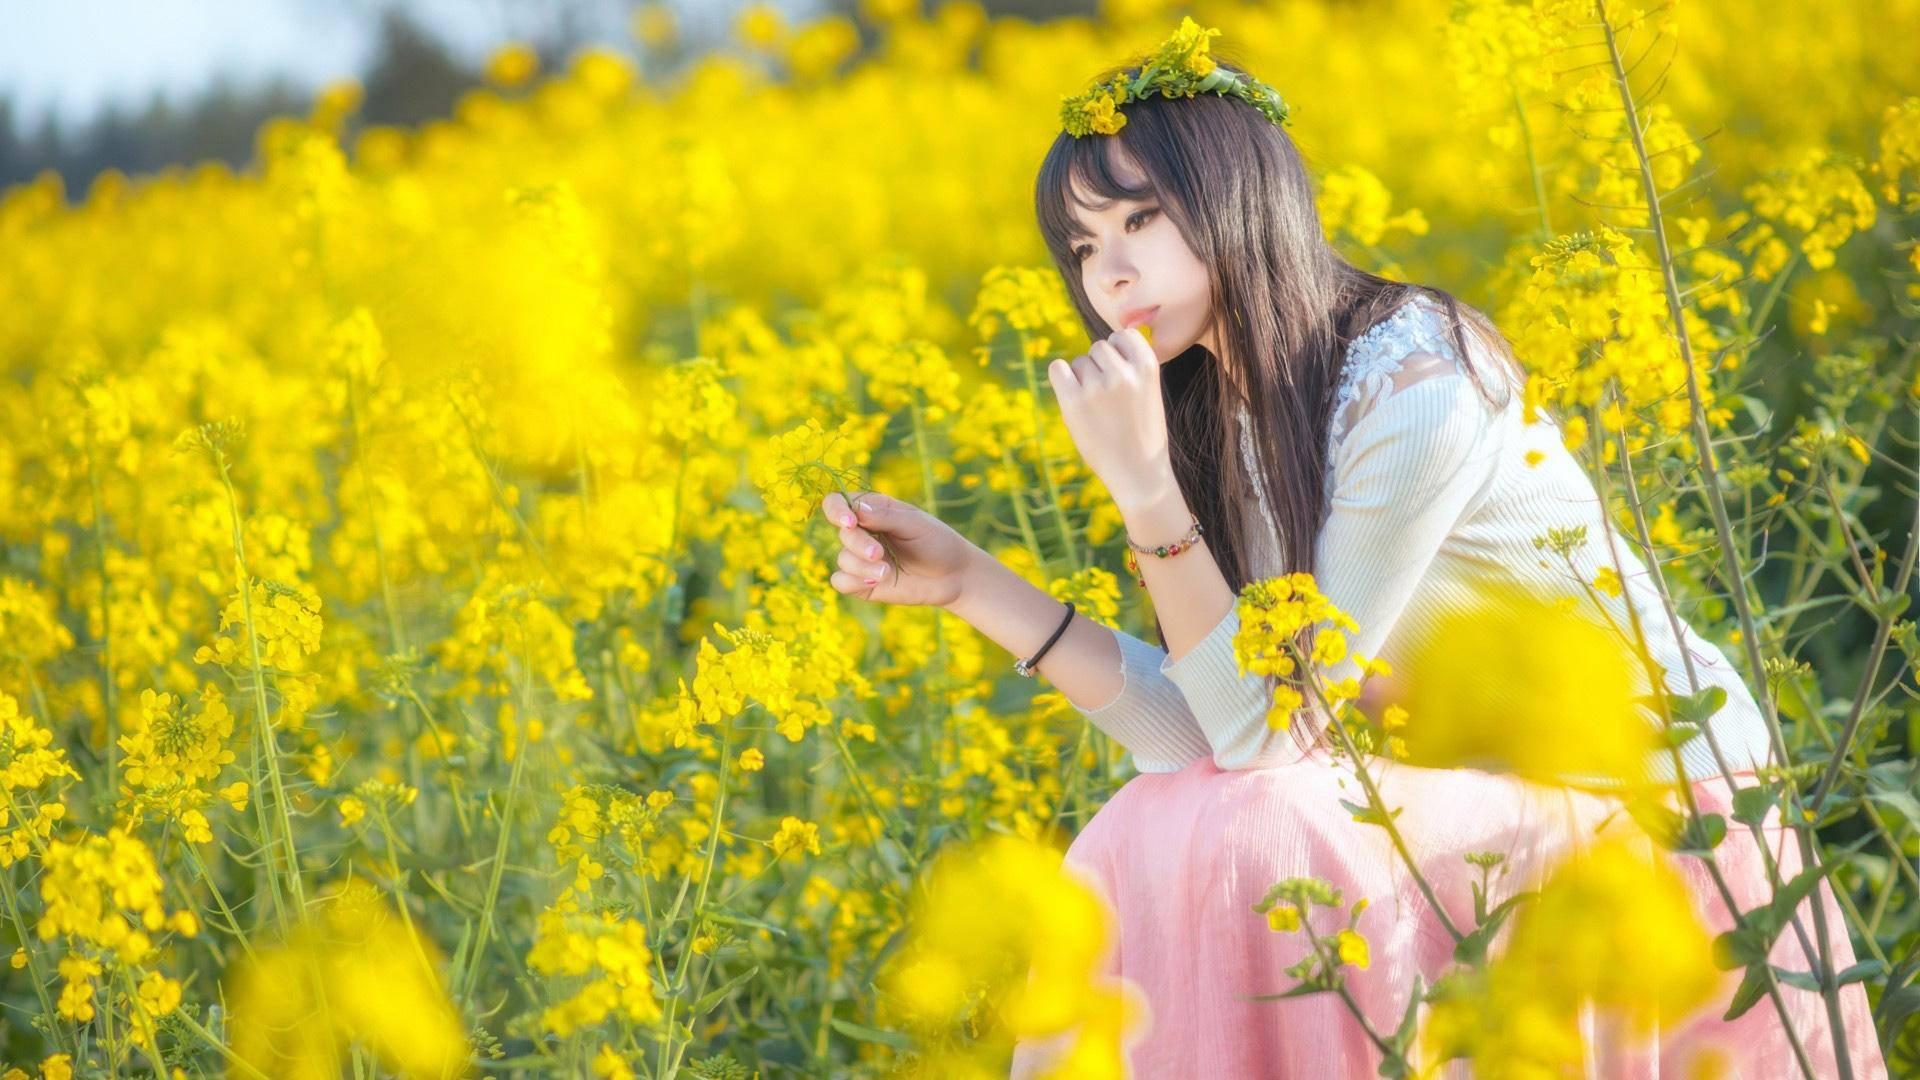 又是一年菜花黄,踏青赏春最美乡村江西婺源,邂逅最撩人的春天